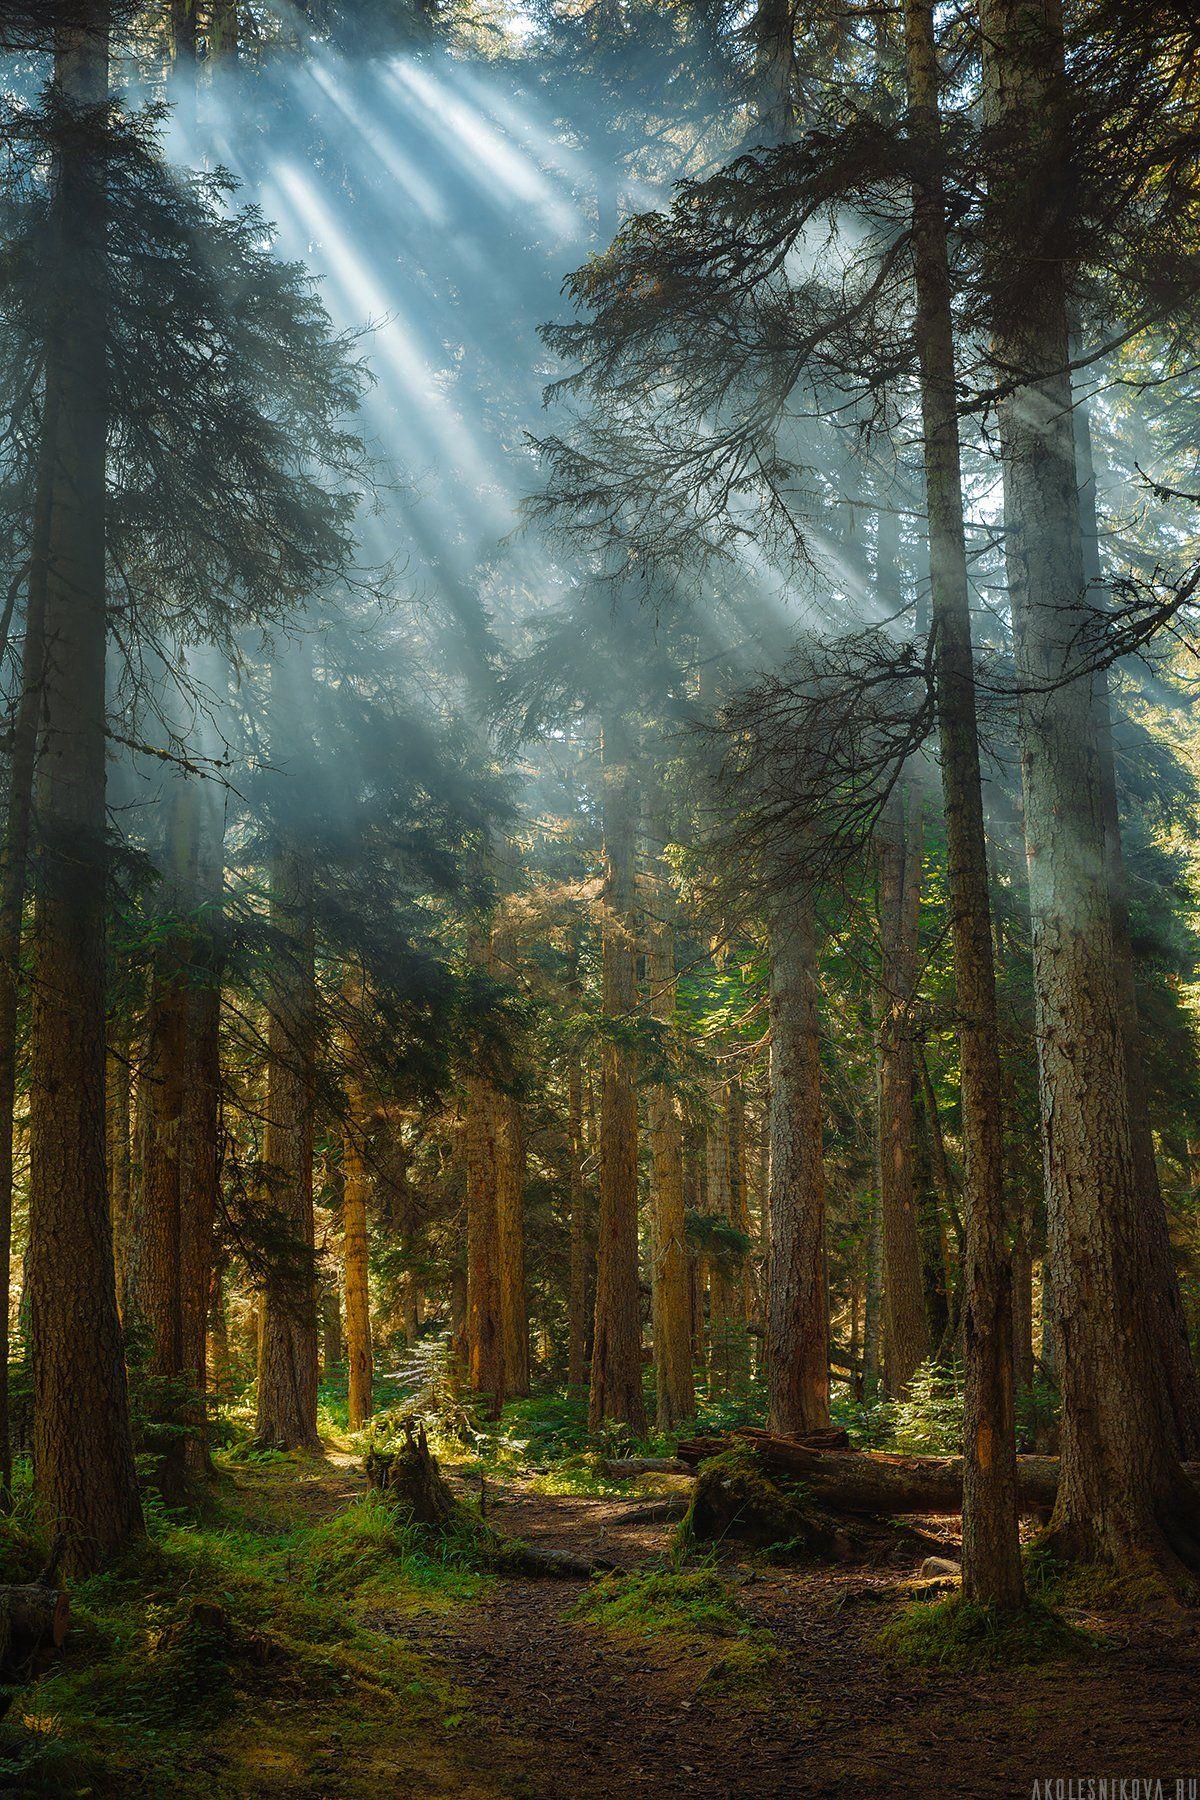 природа, лес, путешествие, домбай, рассвет, пейзаж, лето, свет, Анастасия Колесникова